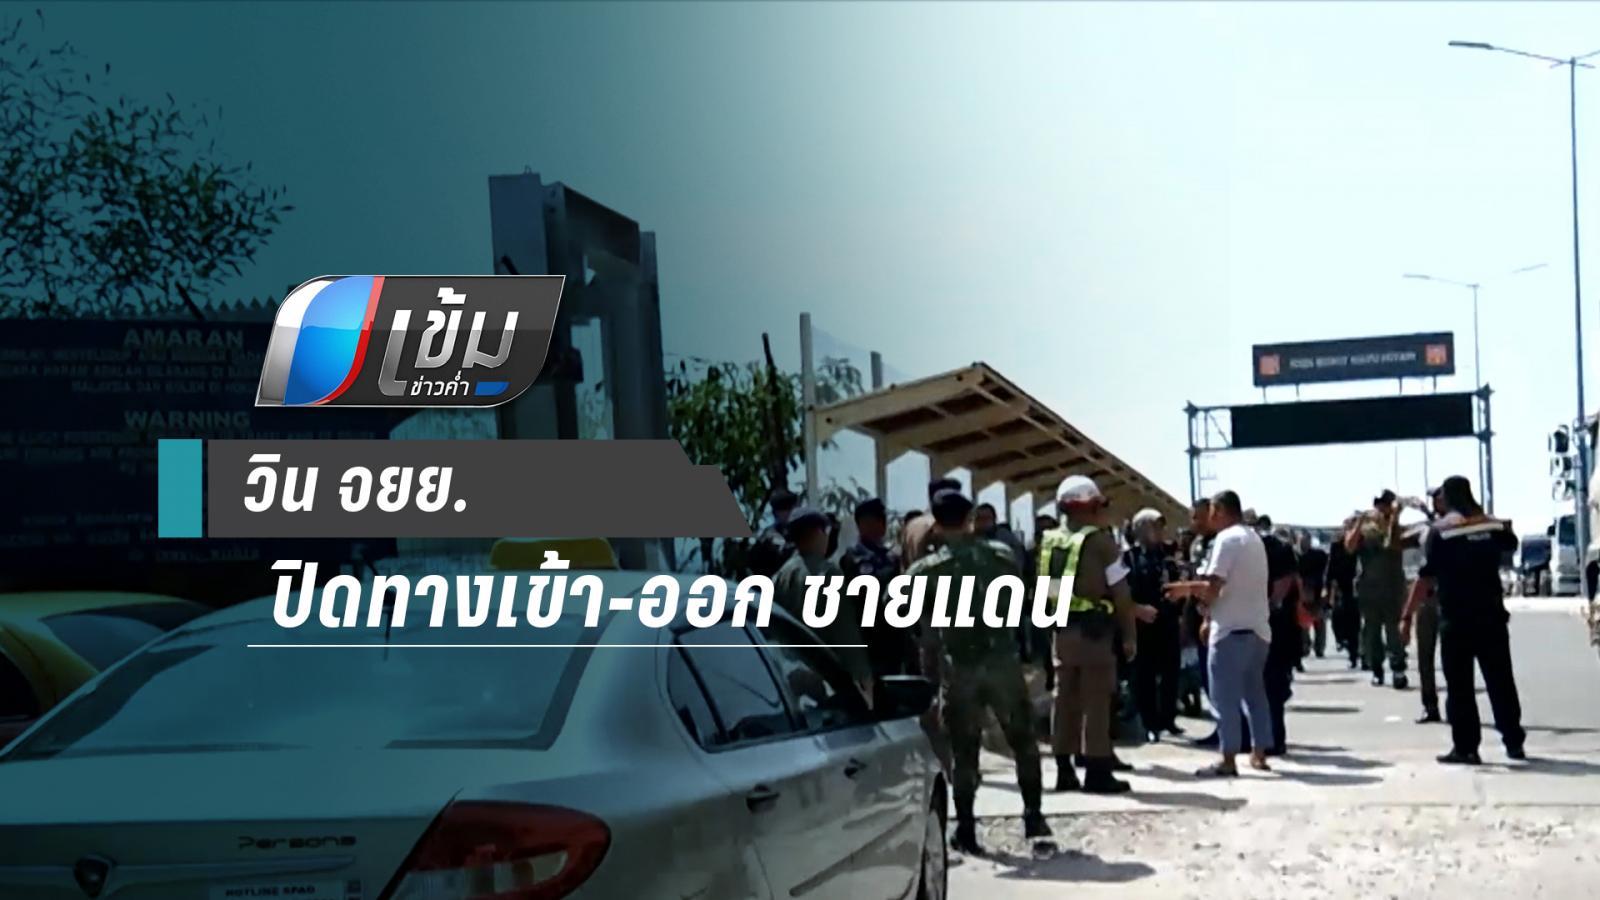 รวมตัว !! วินมอไซค์ ปิดทางเข้า-ออก พรมแดนไทย-มาเลฯ